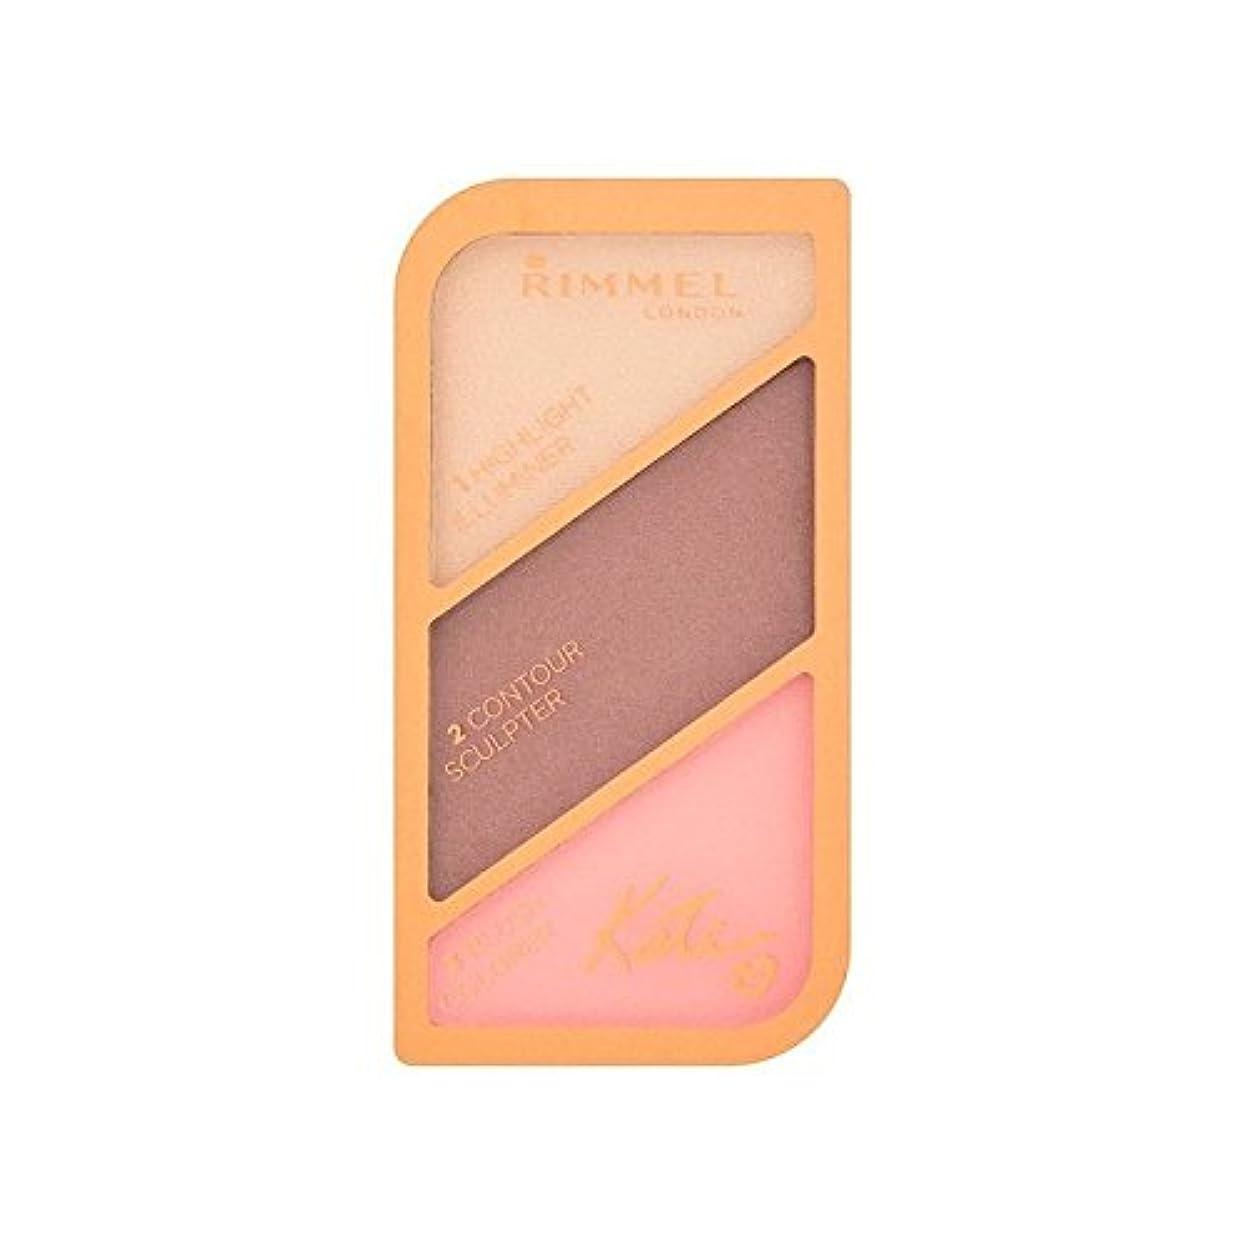 コントローラ気分多様性リンメルケイト?モスの彫刻パレット黄金のブロンズ003 x2 - Rimmel Kate Moss Sculpting Palette Golden Bronze 003 (Pack of 2) [並行輸入品]